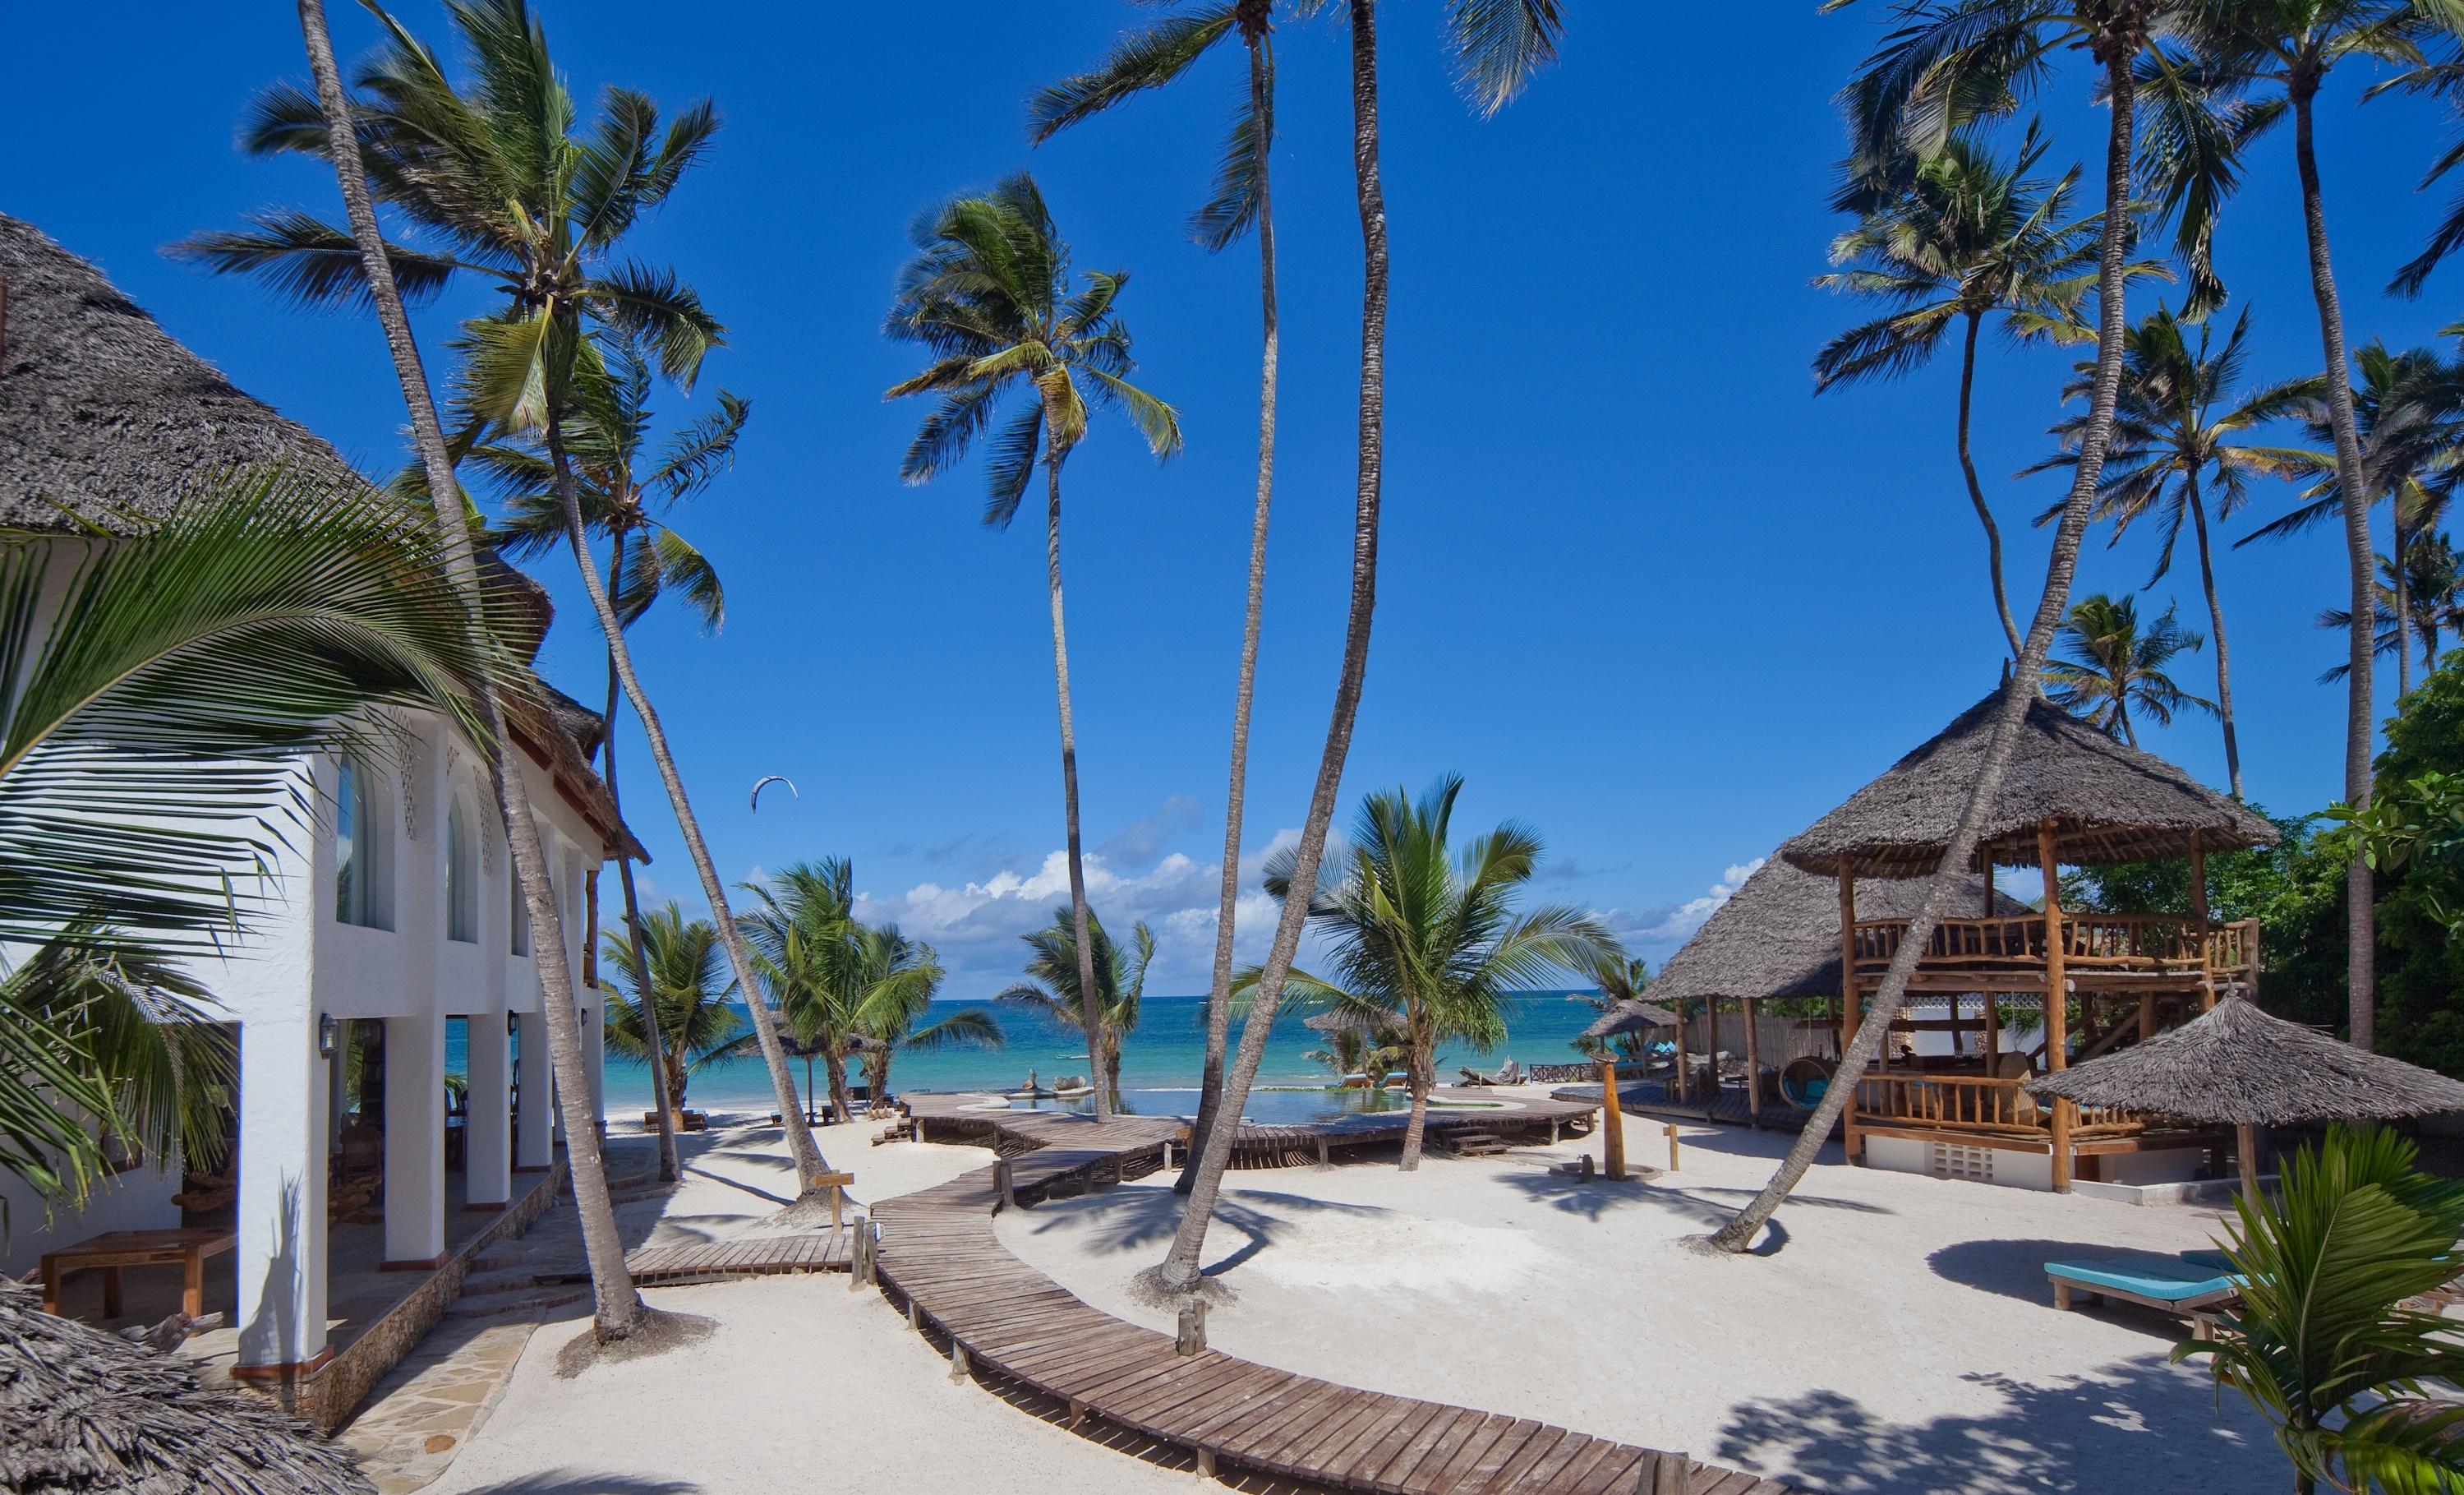 Waterlovers Beach Resort, main image